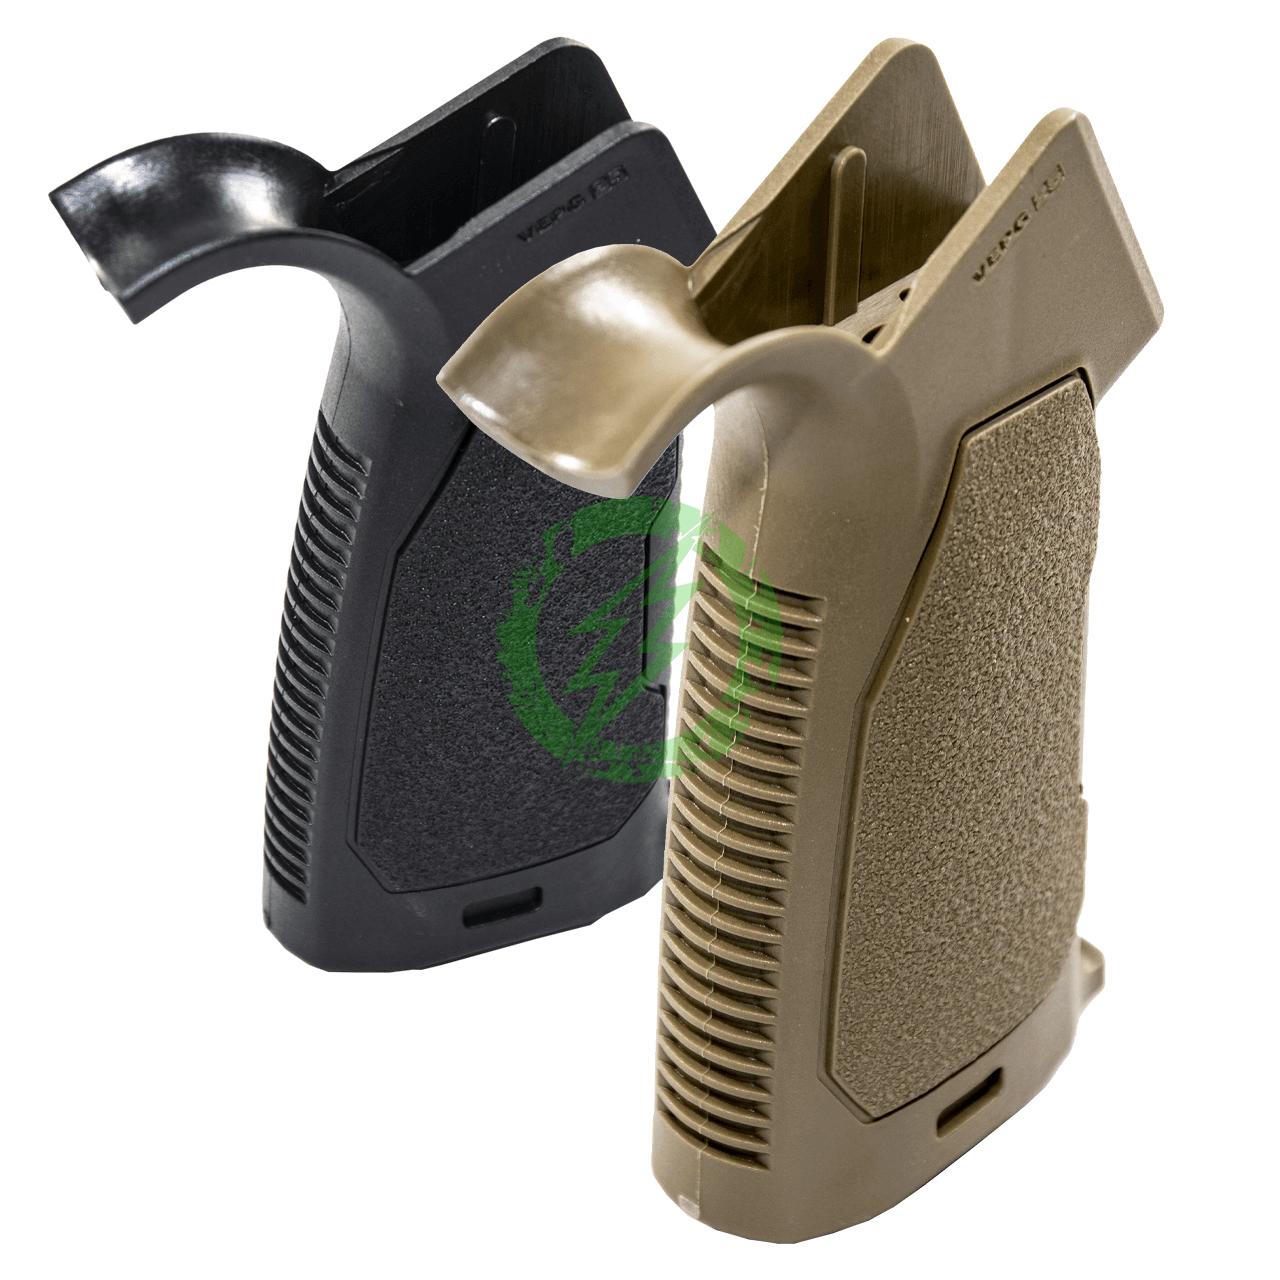 EMG / Strike Industries M4 Enhanced Slim Motor Grip